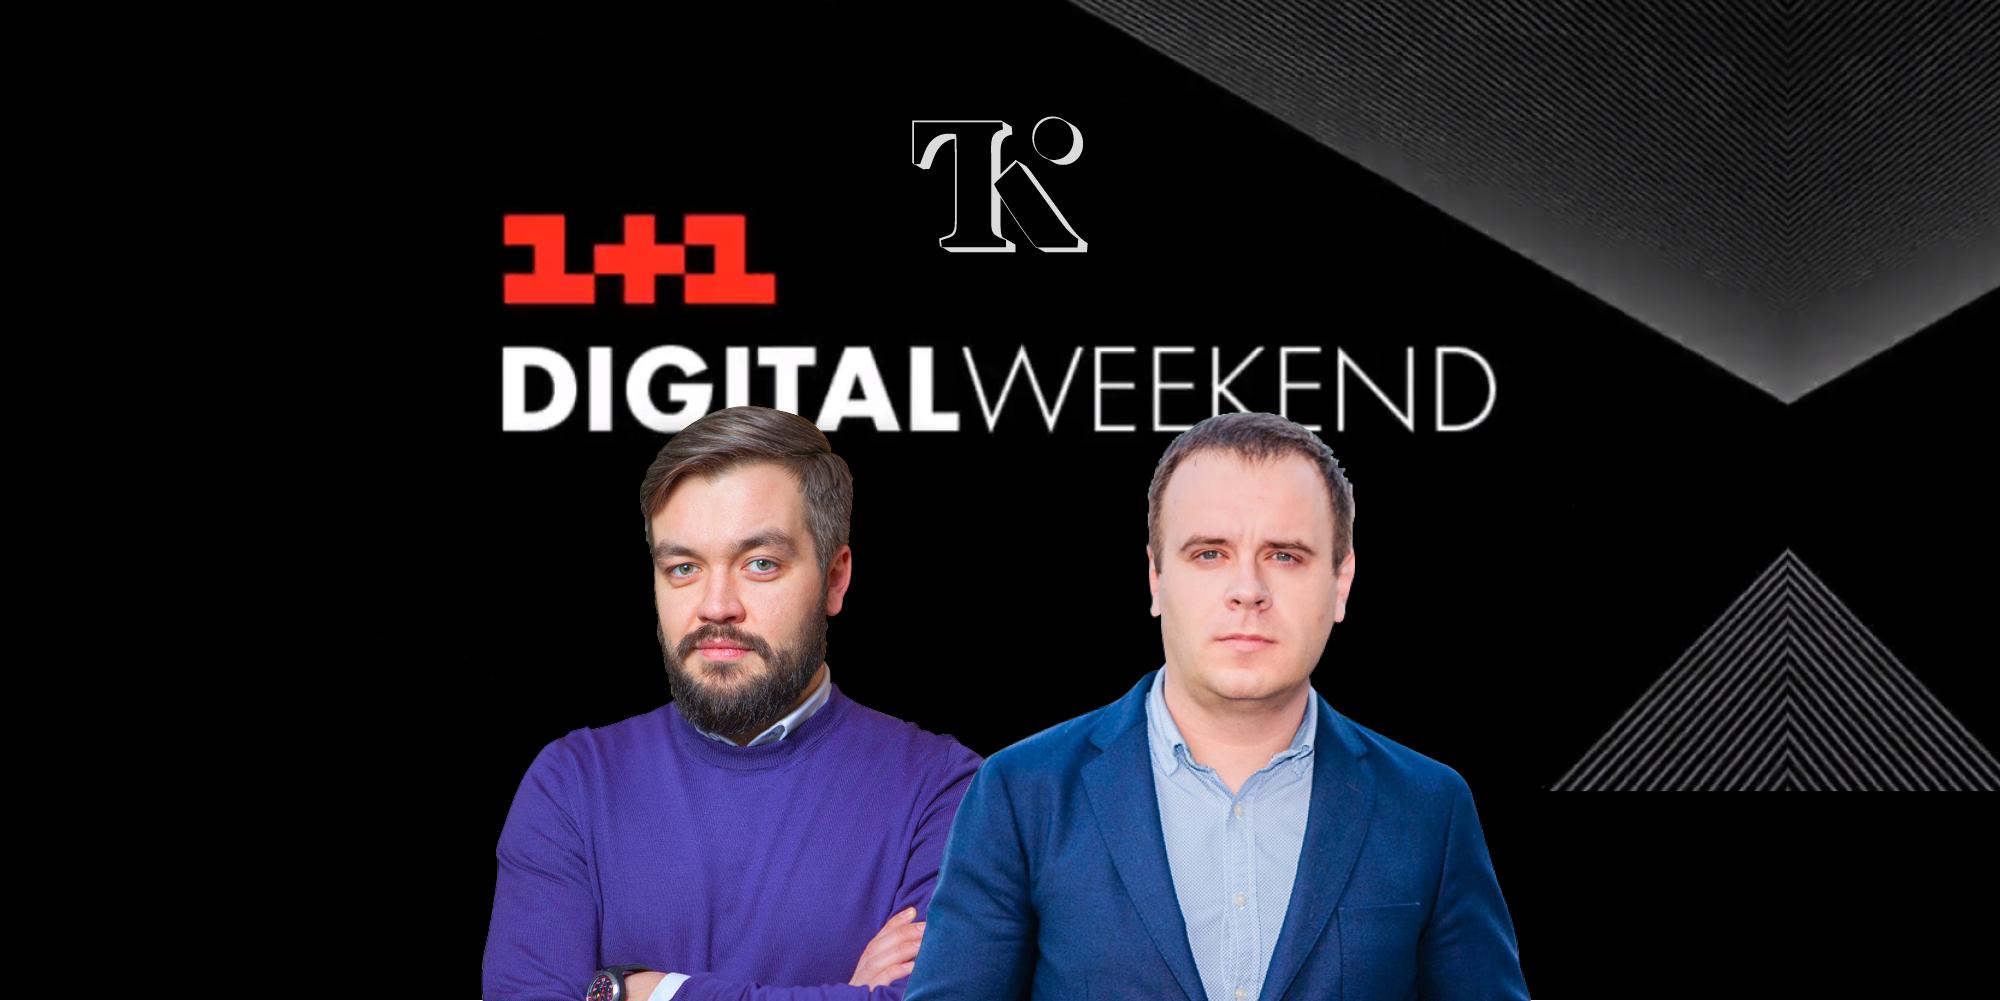 YouTube – не волшебная пилюля: мастер-класс от специалистов 1+1 Digital